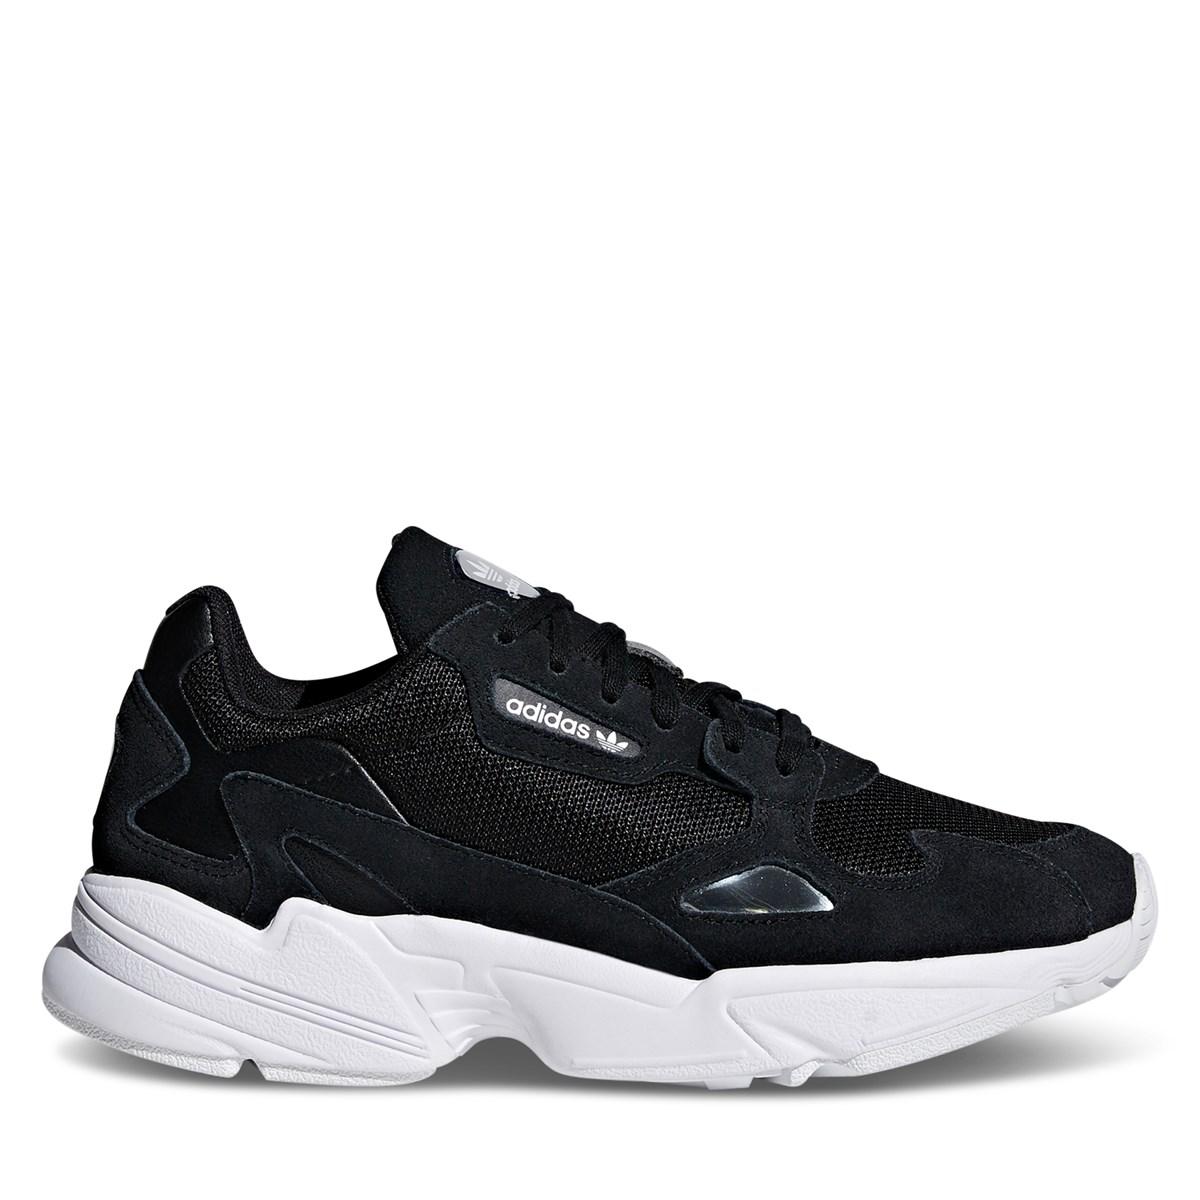 Women's Falcon W Sneakers in Black